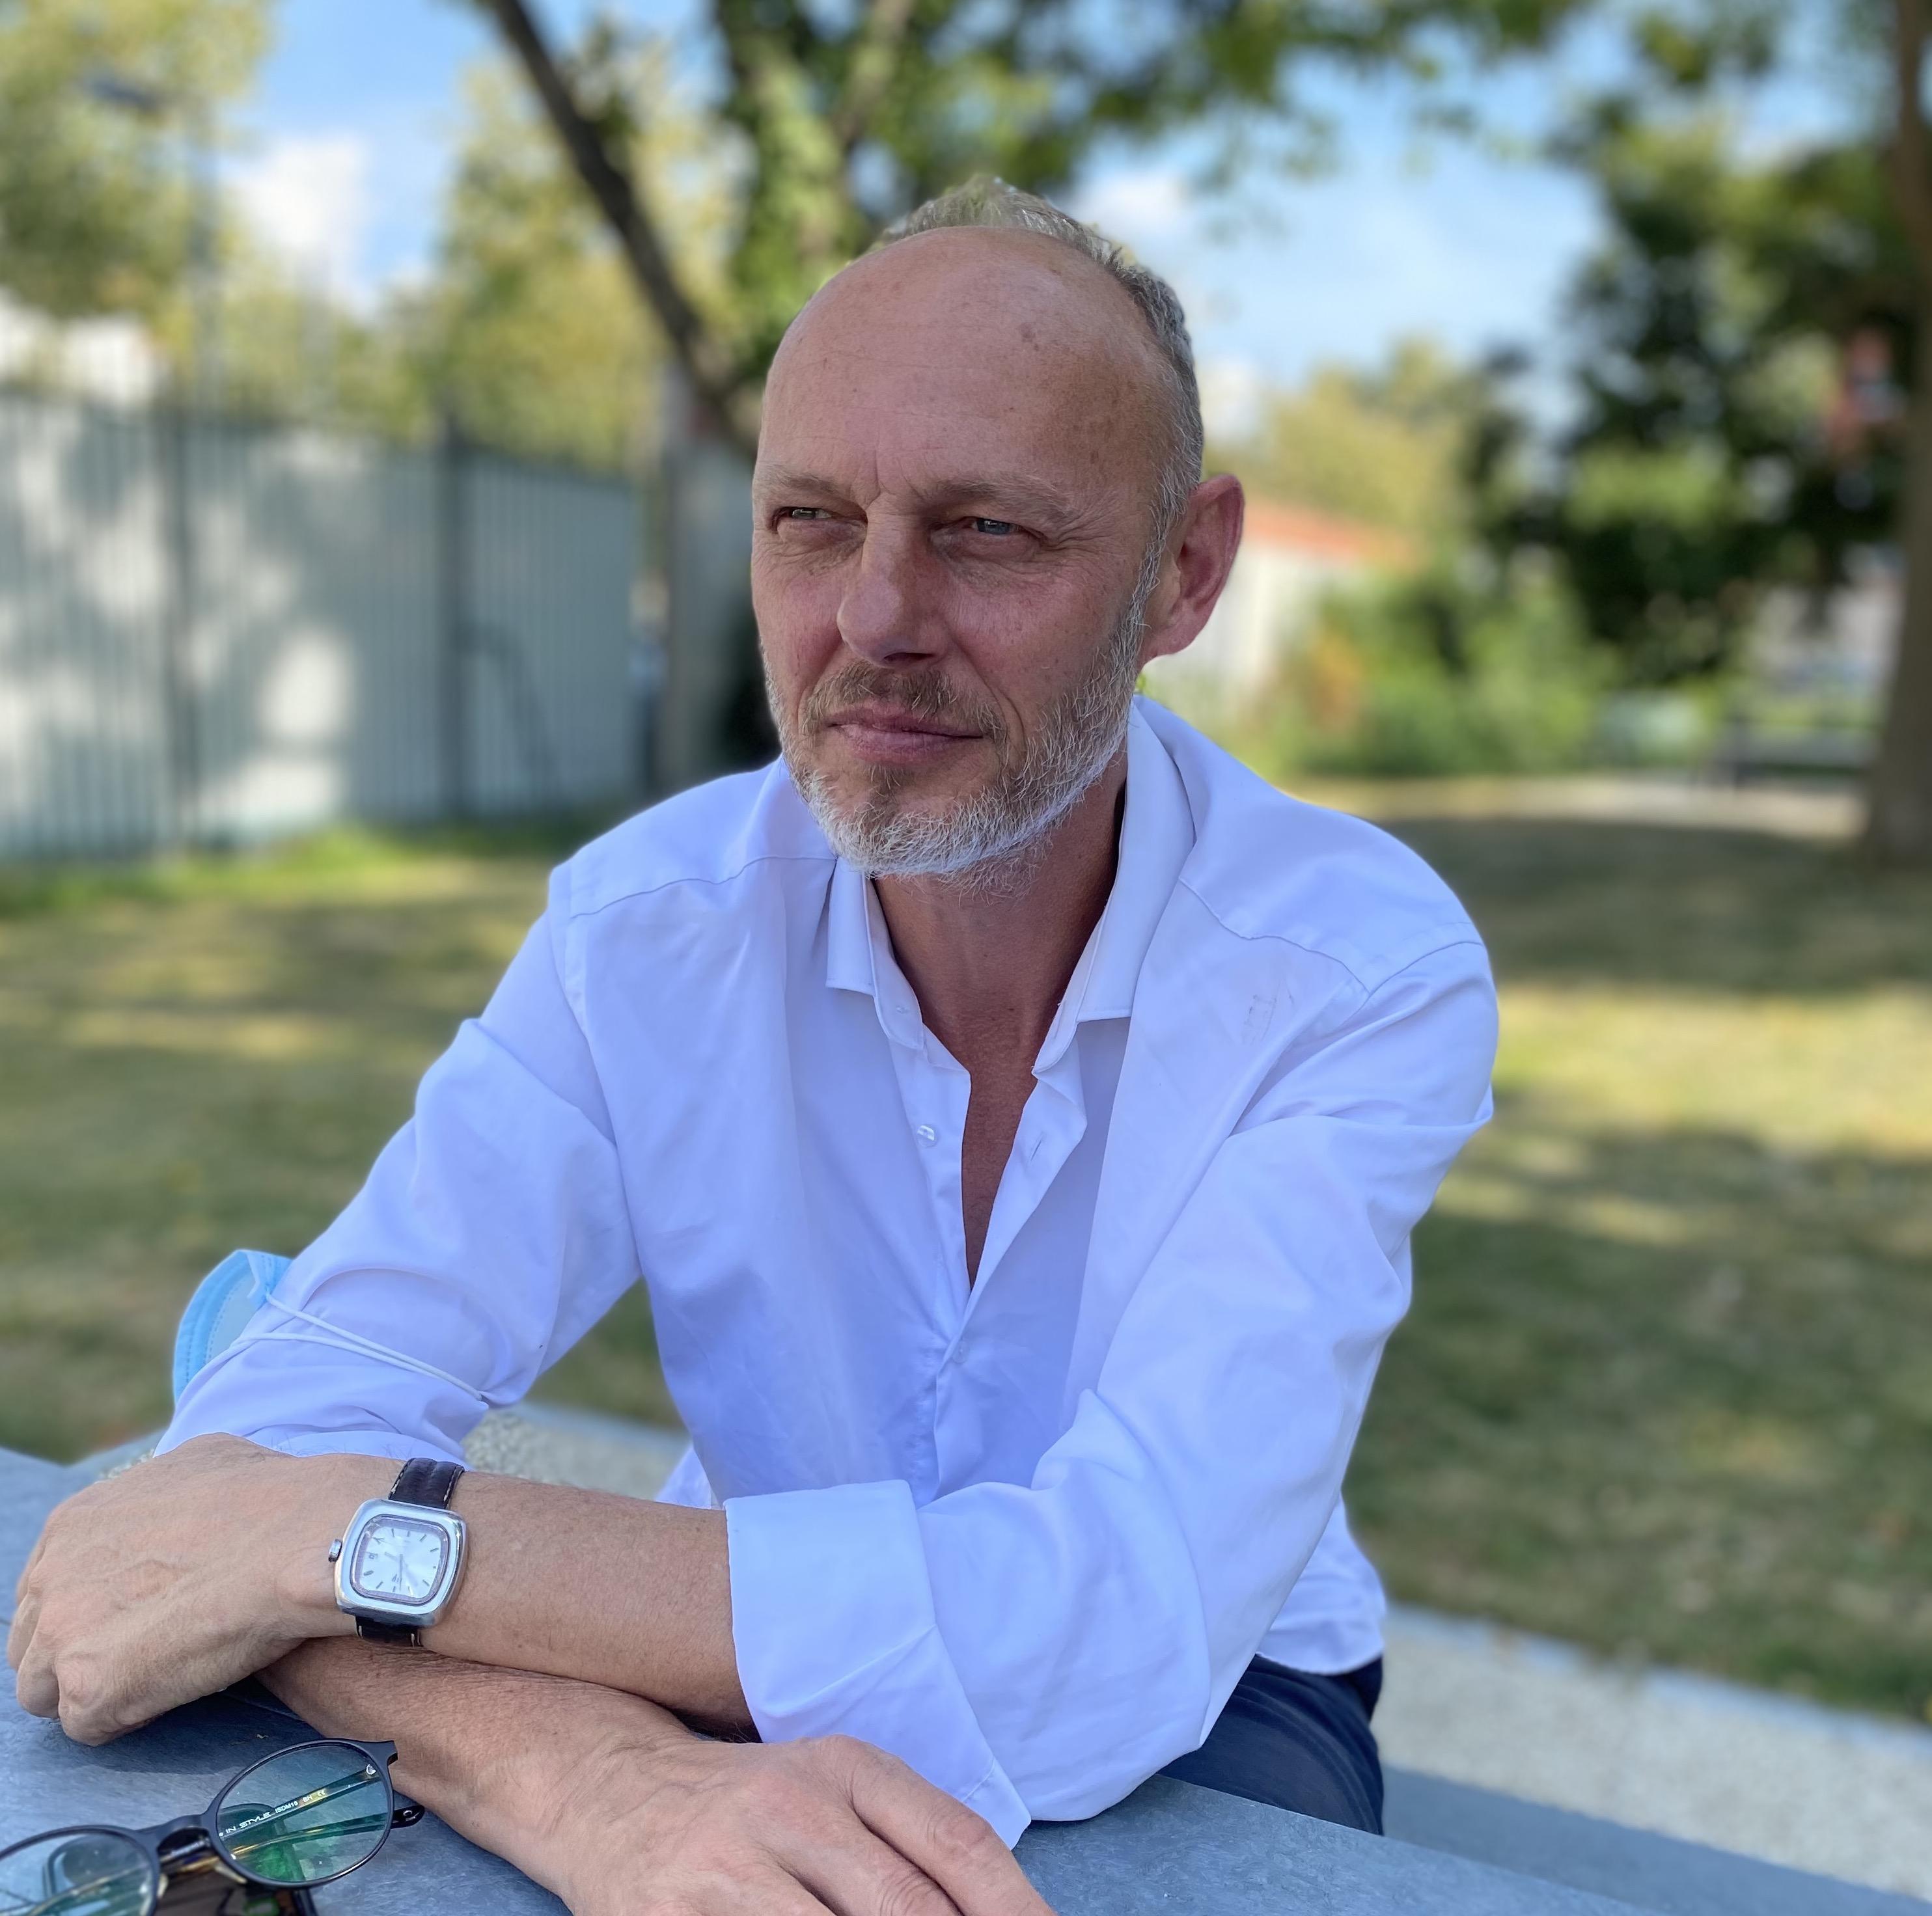 Benoit Carlus